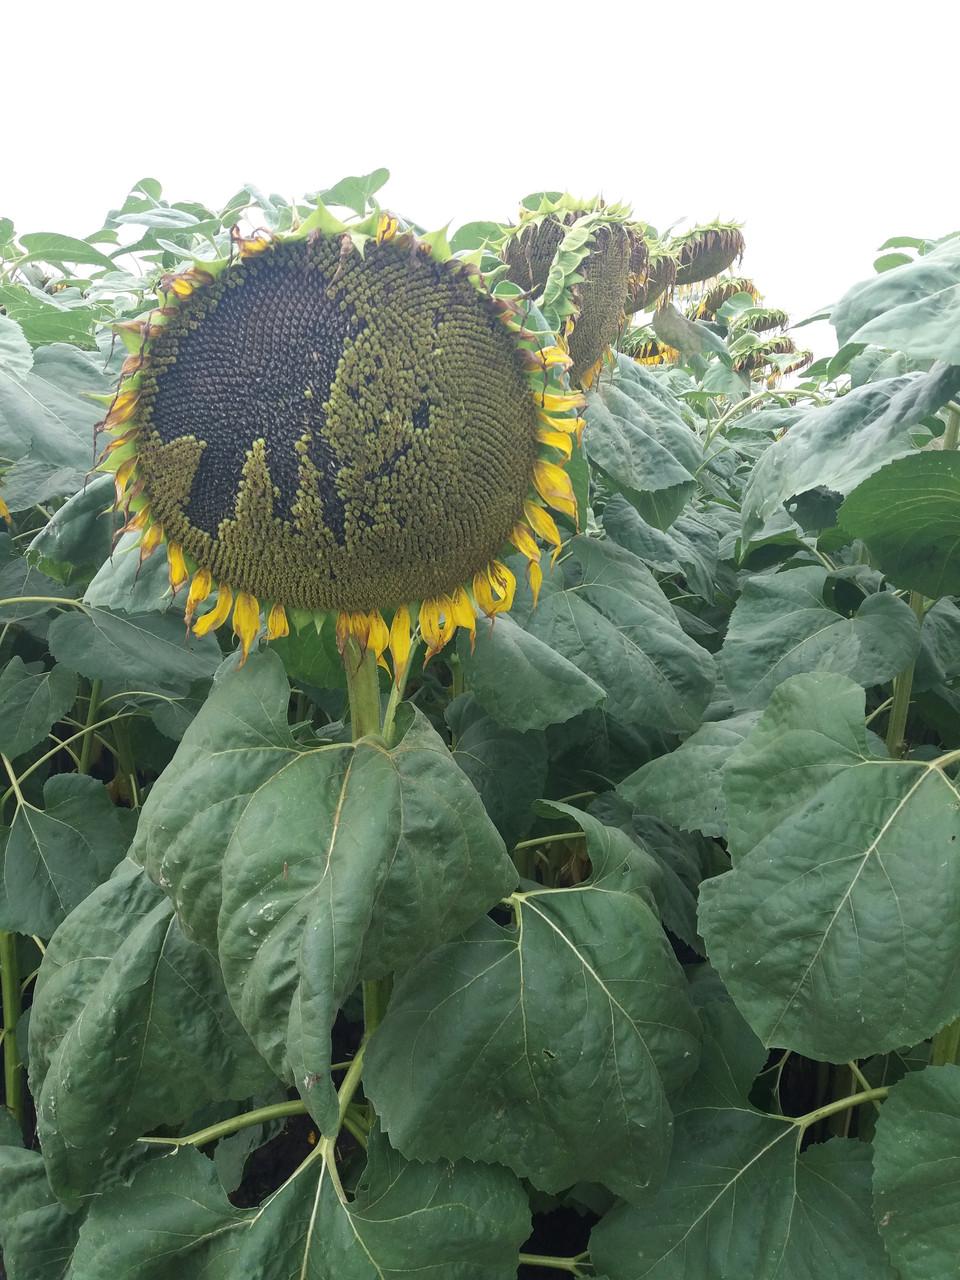 Семена подсолнечника под ЕвроЛайтинг ОСМАН, Высокоурожайный подсолнечник. Устойчив к заразихе и засухе. Экстра